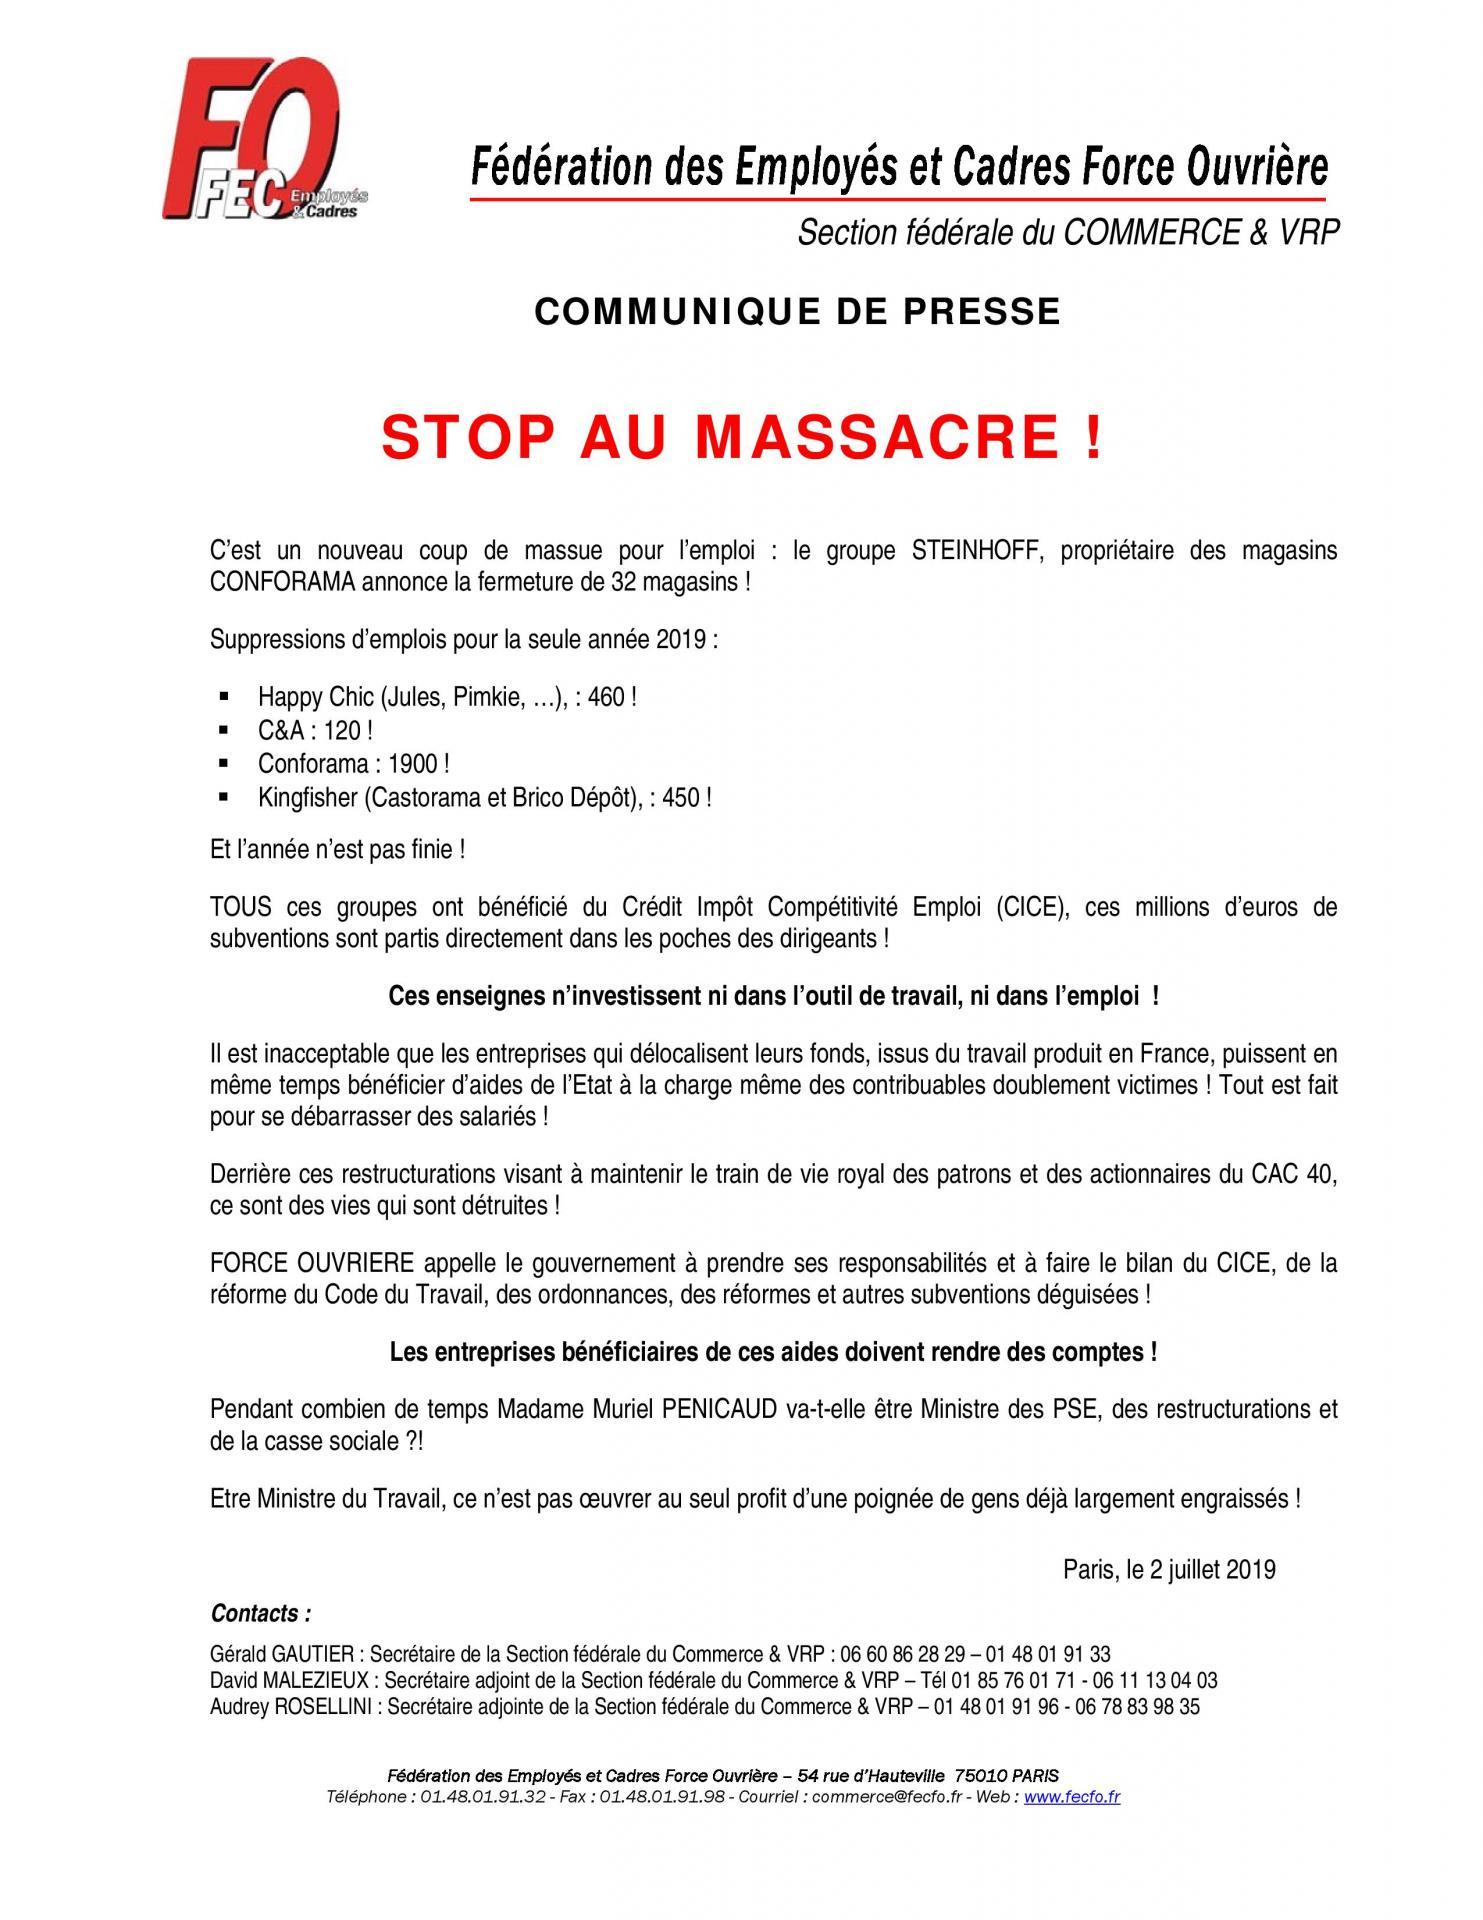 19 stop au massacre 20190702095740 page 001